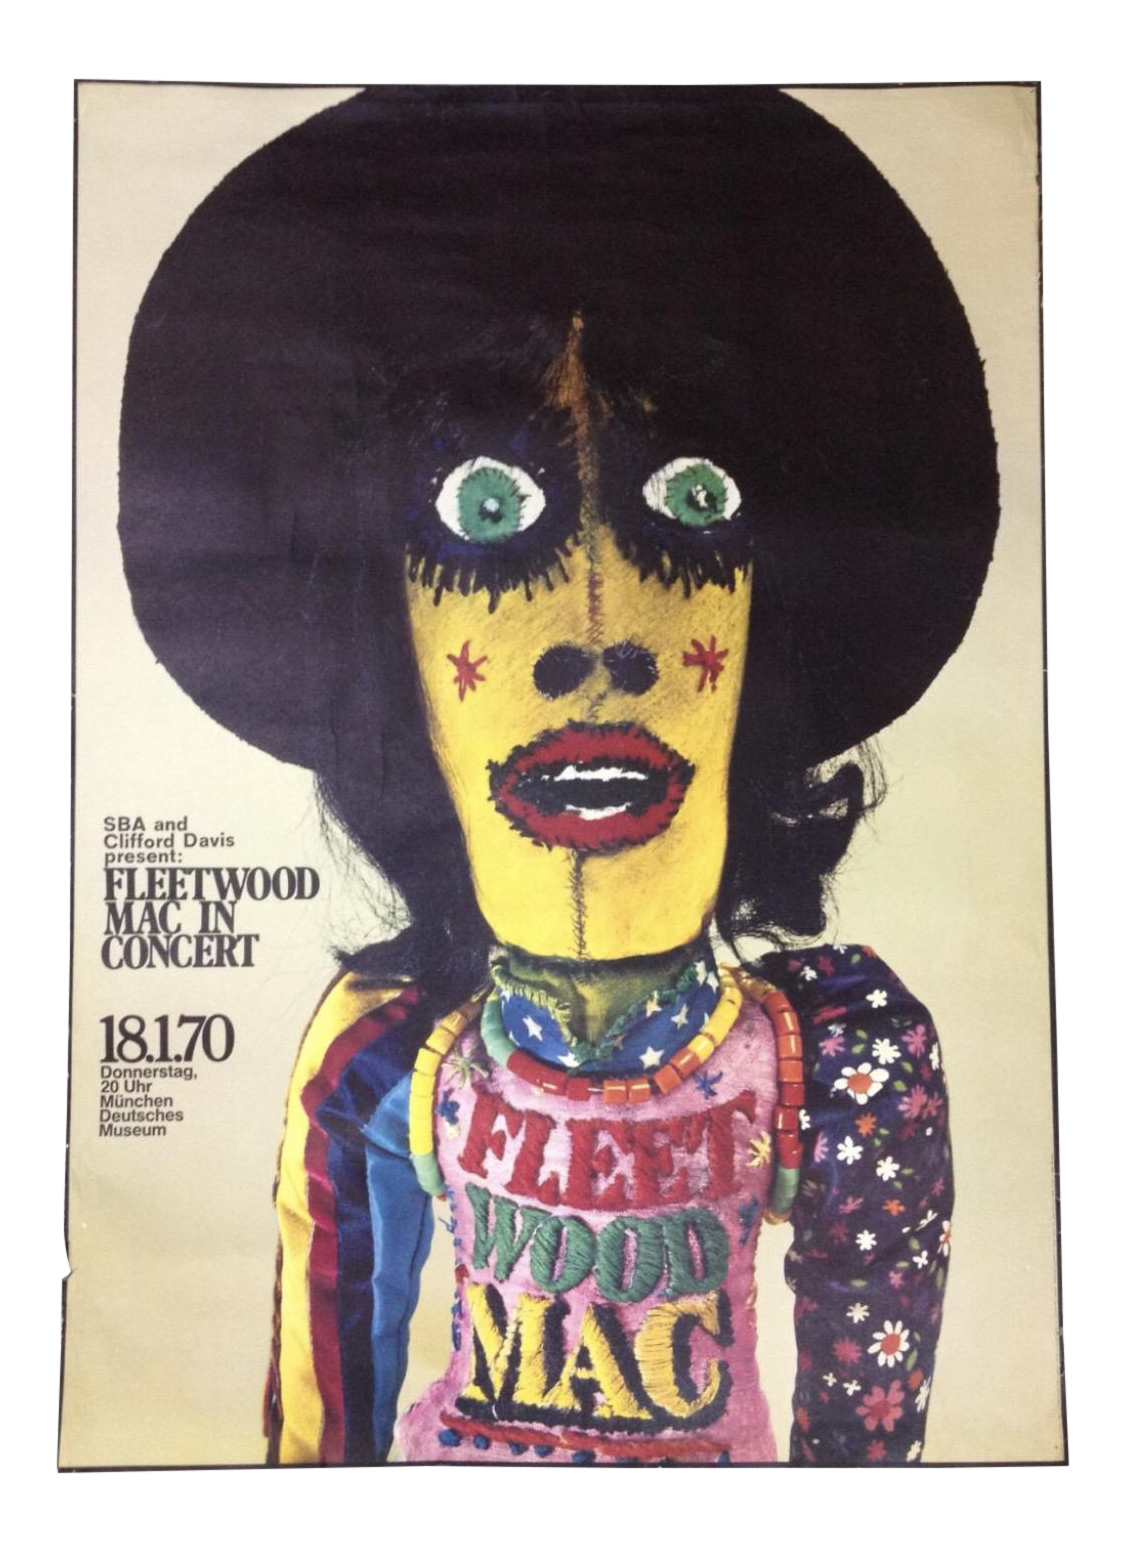 1970 Fleetwood Mac Concert Poster By Gunther Kieser Rare